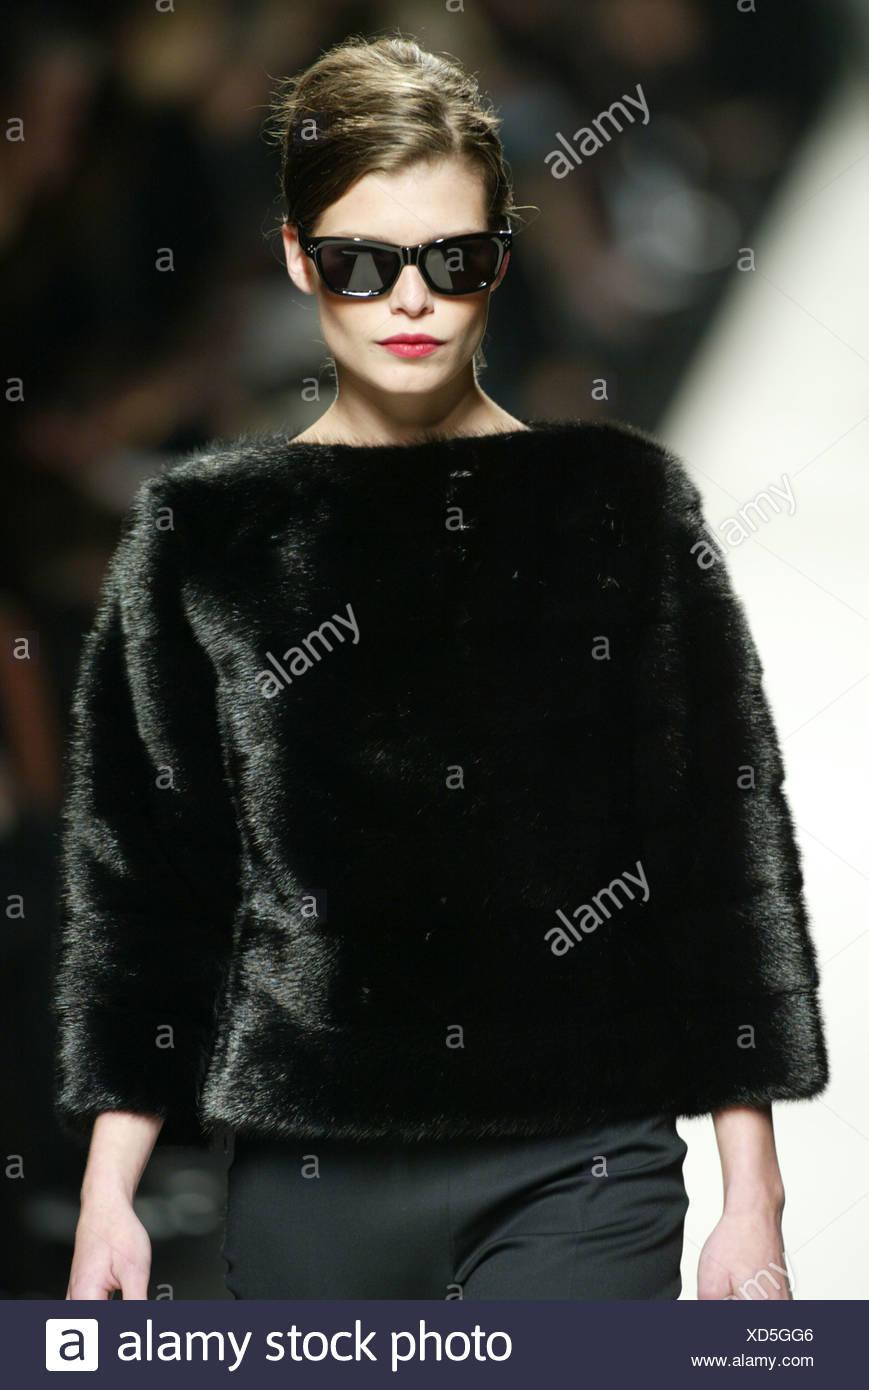 351ffcdb15 Celine Paris listo para ponerse Otoño Invierno modelo morena pelo negro  cara gafas de sol y